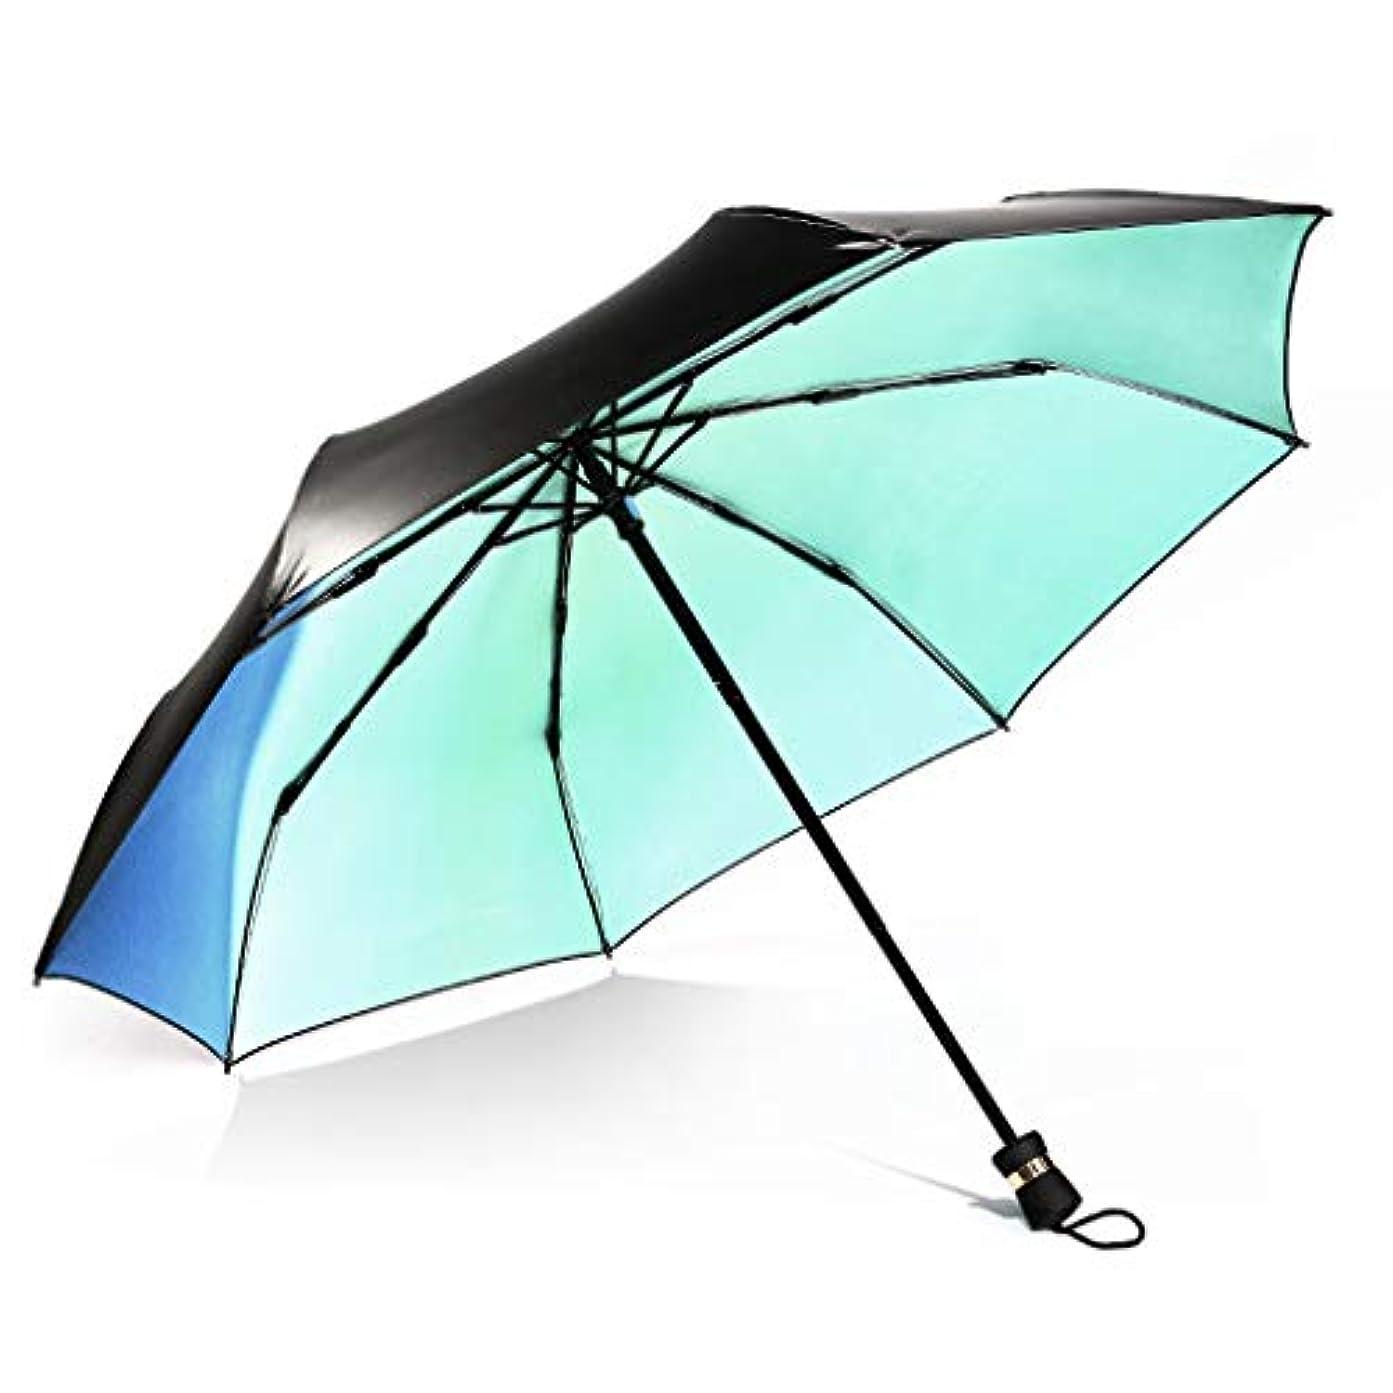 リーズリファイン金曜日油絵創造的な折りたたみ太陽傘グラデーションカラー傘抗UV傘傘 ズトイビー (Color : A)